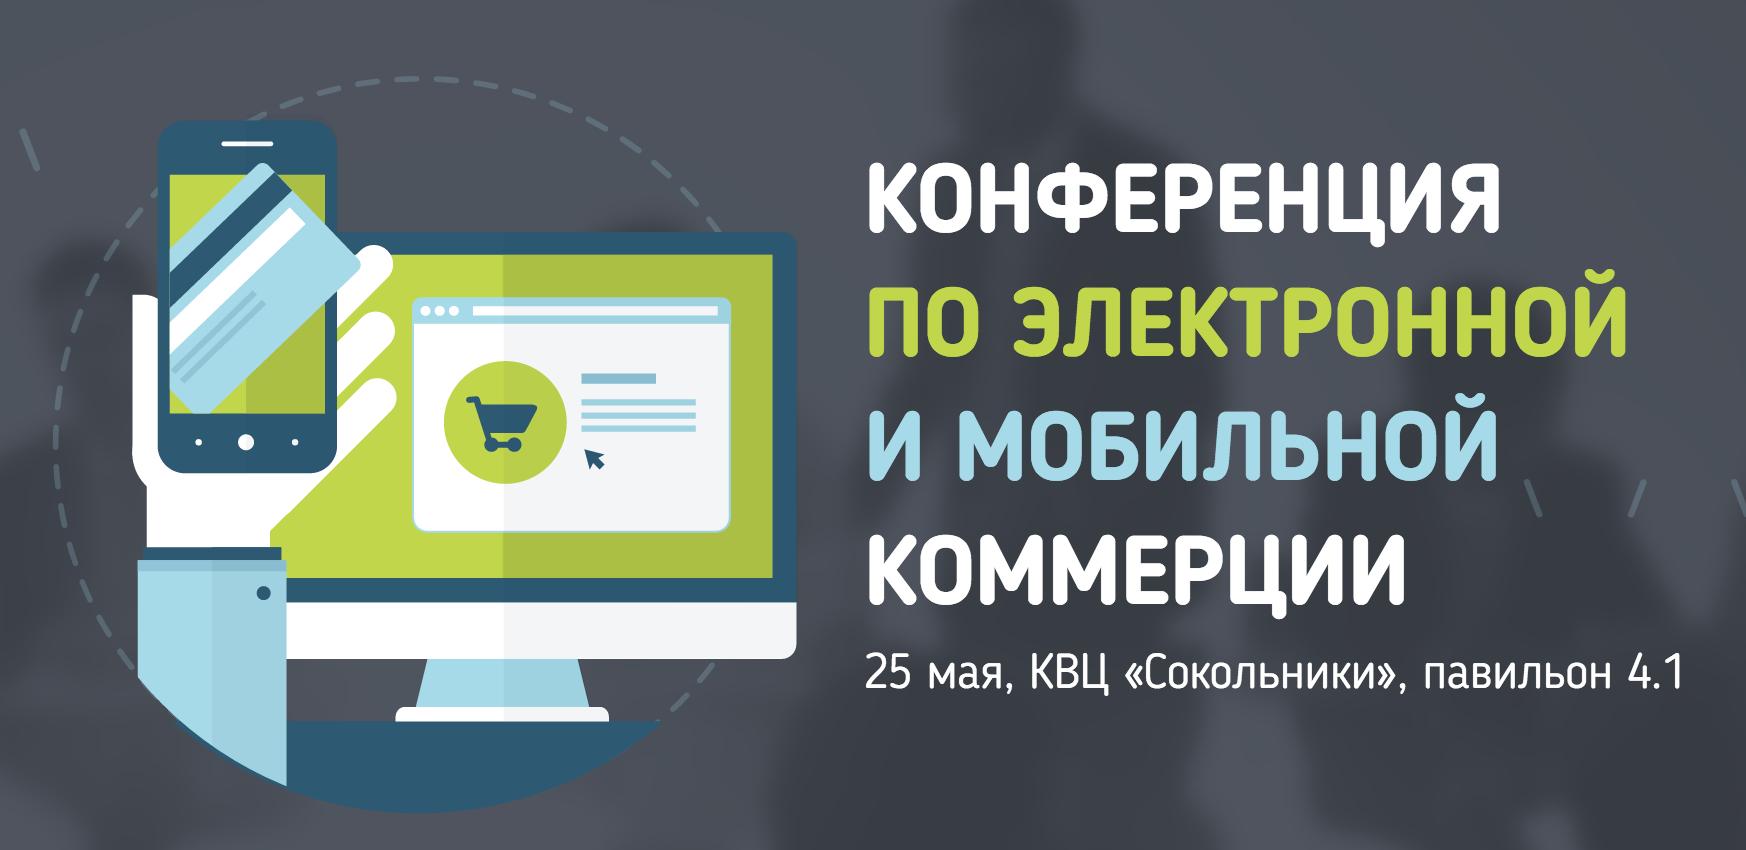 E/M Commerce Day — продуктовая конференция по электронной и мобильной комме ...